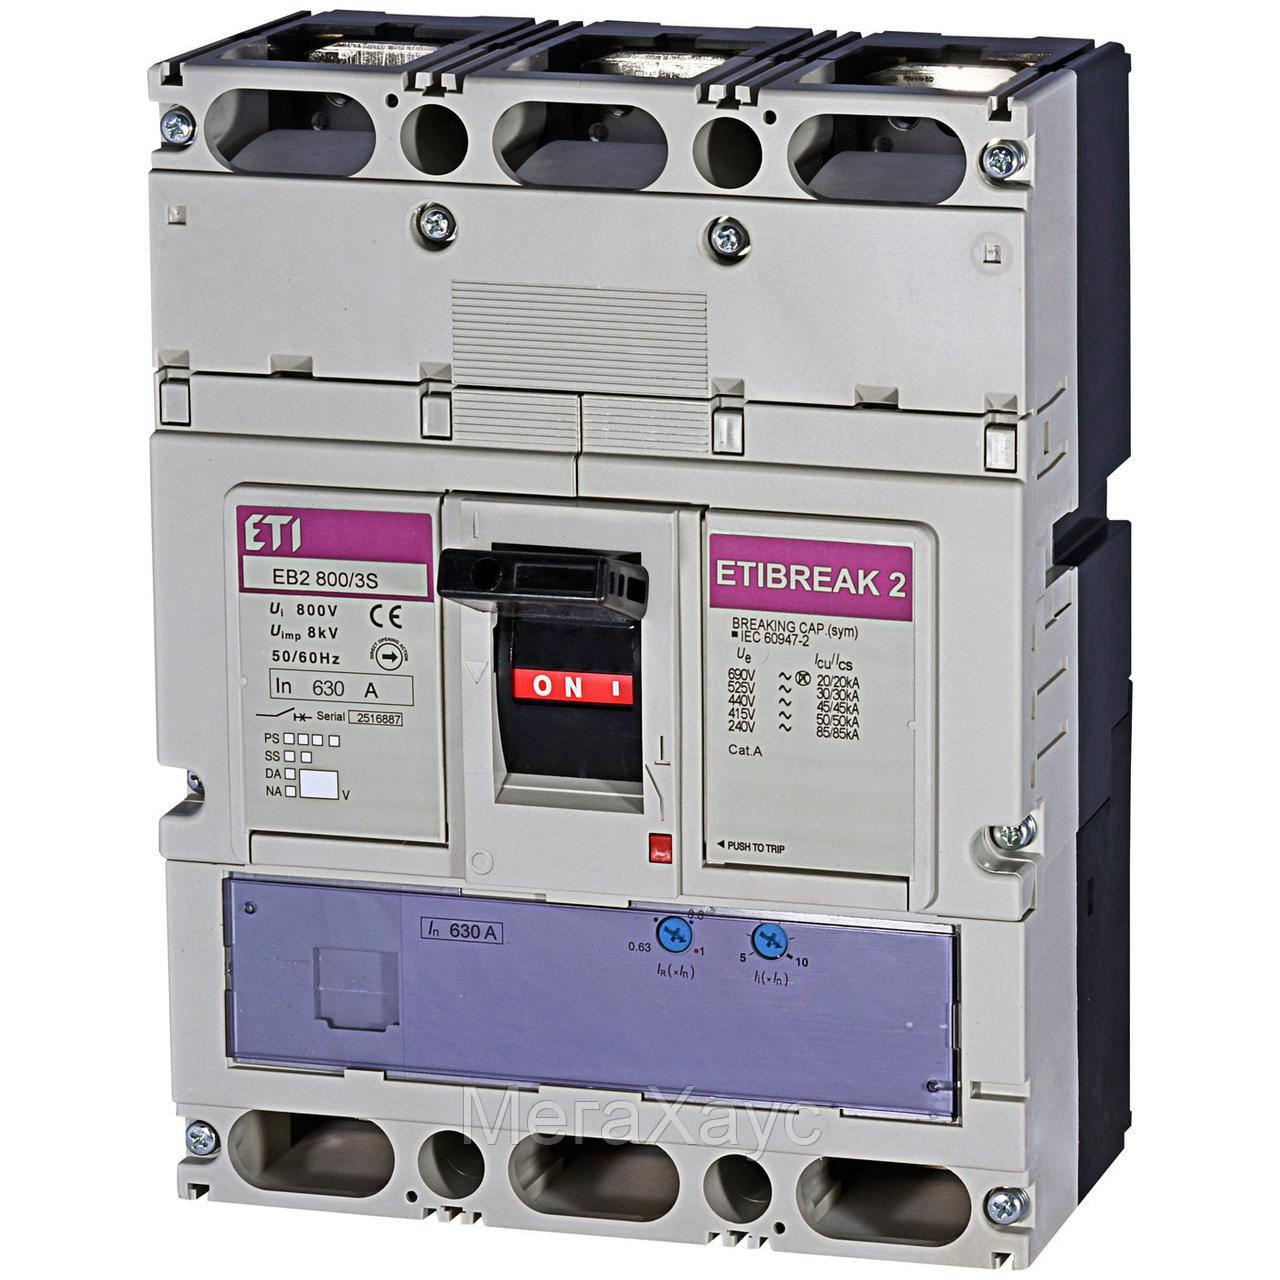 Промышленный автоматический выключатель ETI ETIBREAK   EB2 800/3S 630A 3p (50kA)